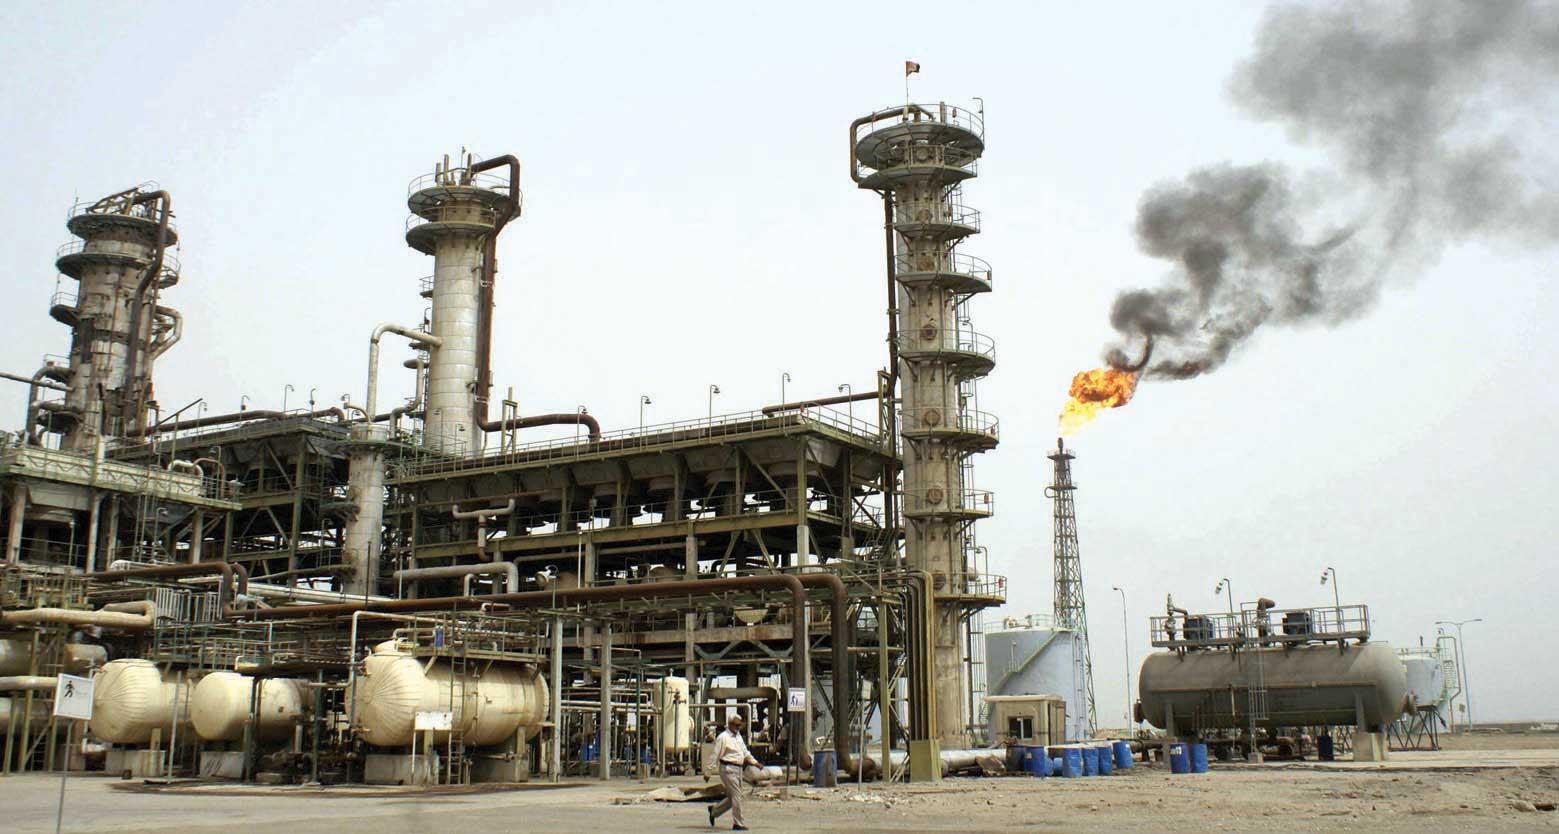 السلطنة تدعم اتفاق السعودية وروسيا على تمديد خفض إنتاج النفط